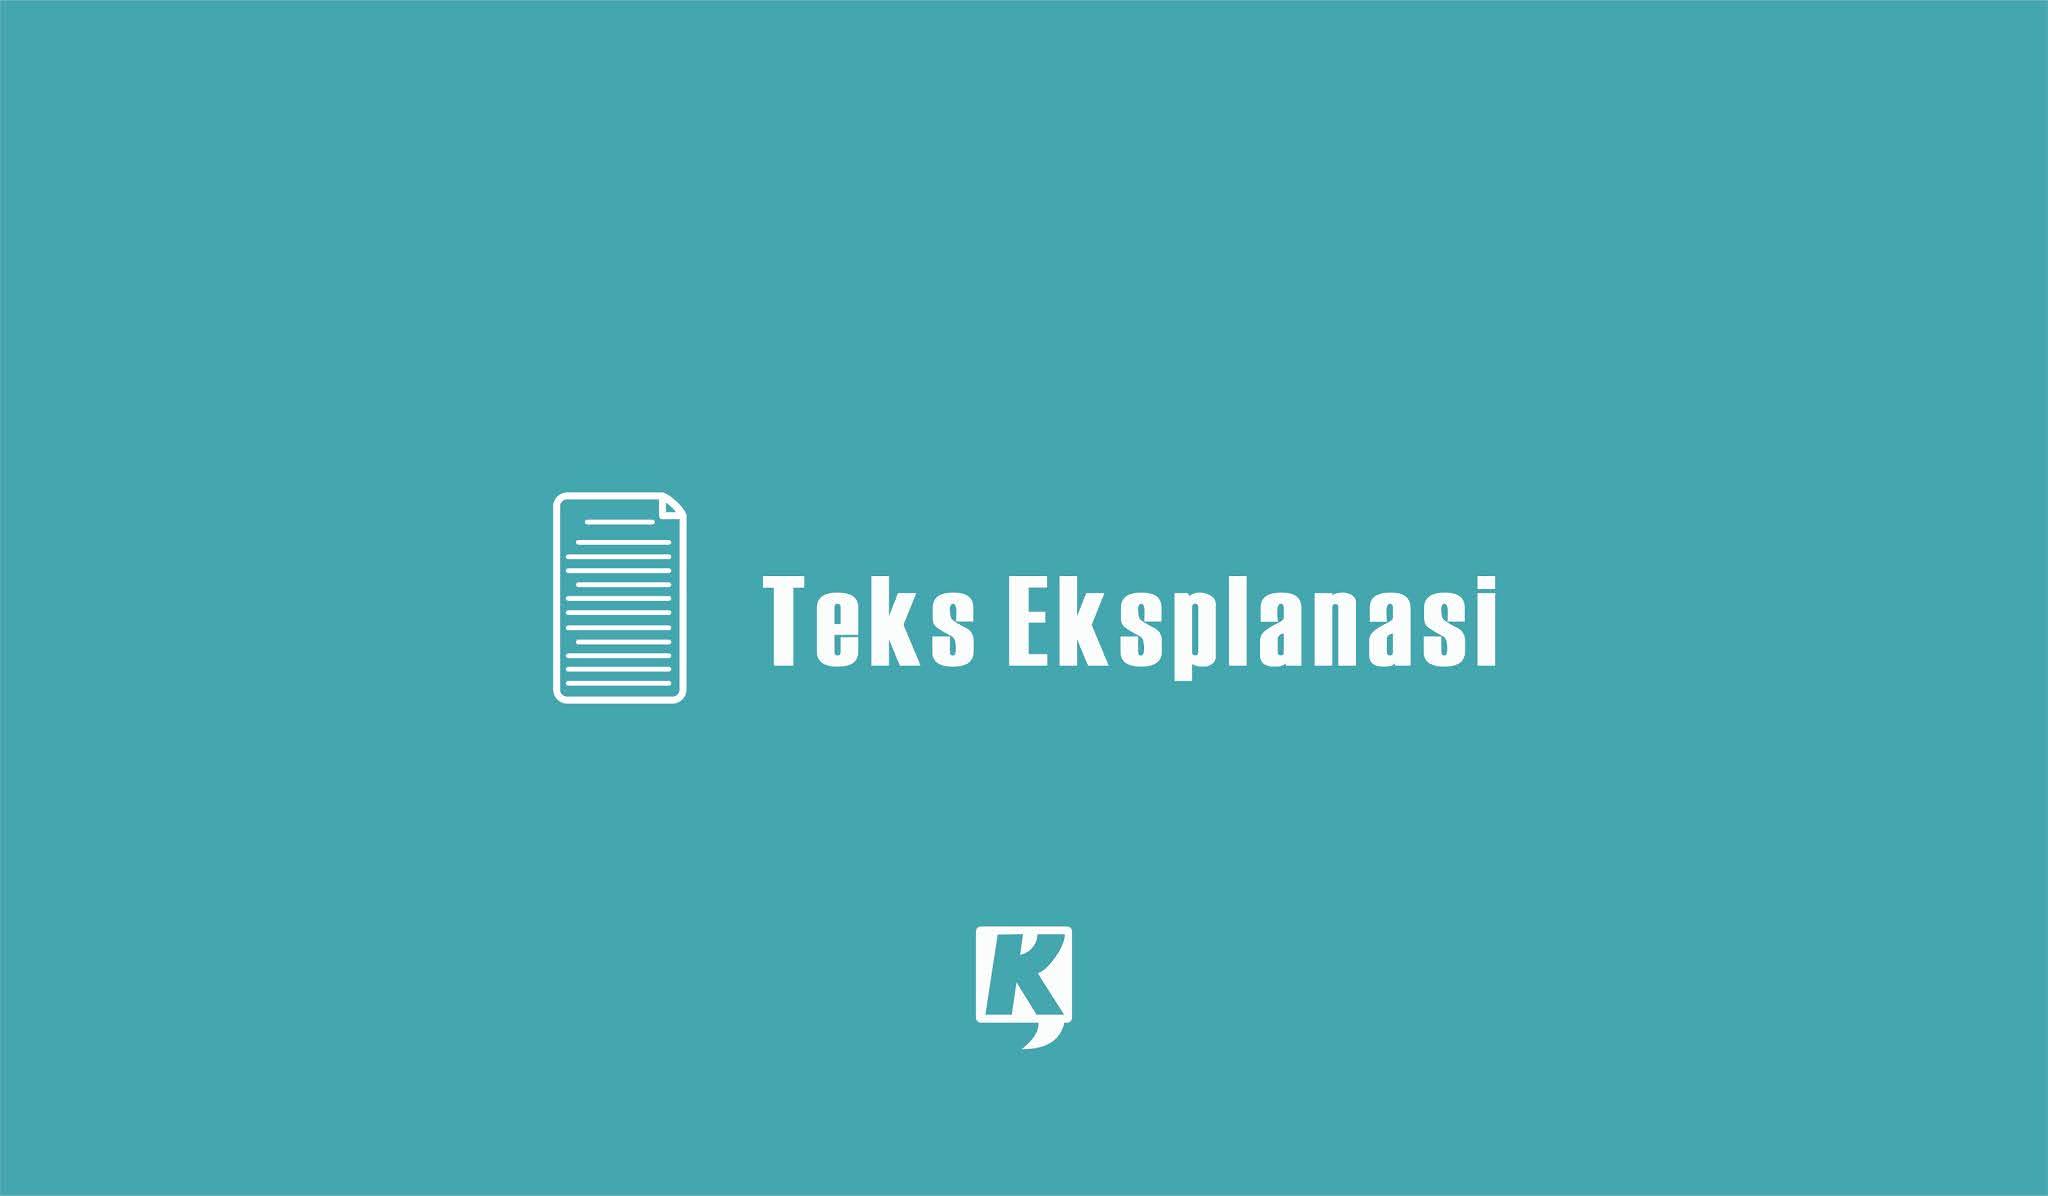 Teks Eksplanasi : Pengertian, Ciri, Struktur, Tujuan, Skema, Jenis, Kaidah, Manfaat dan Contoh